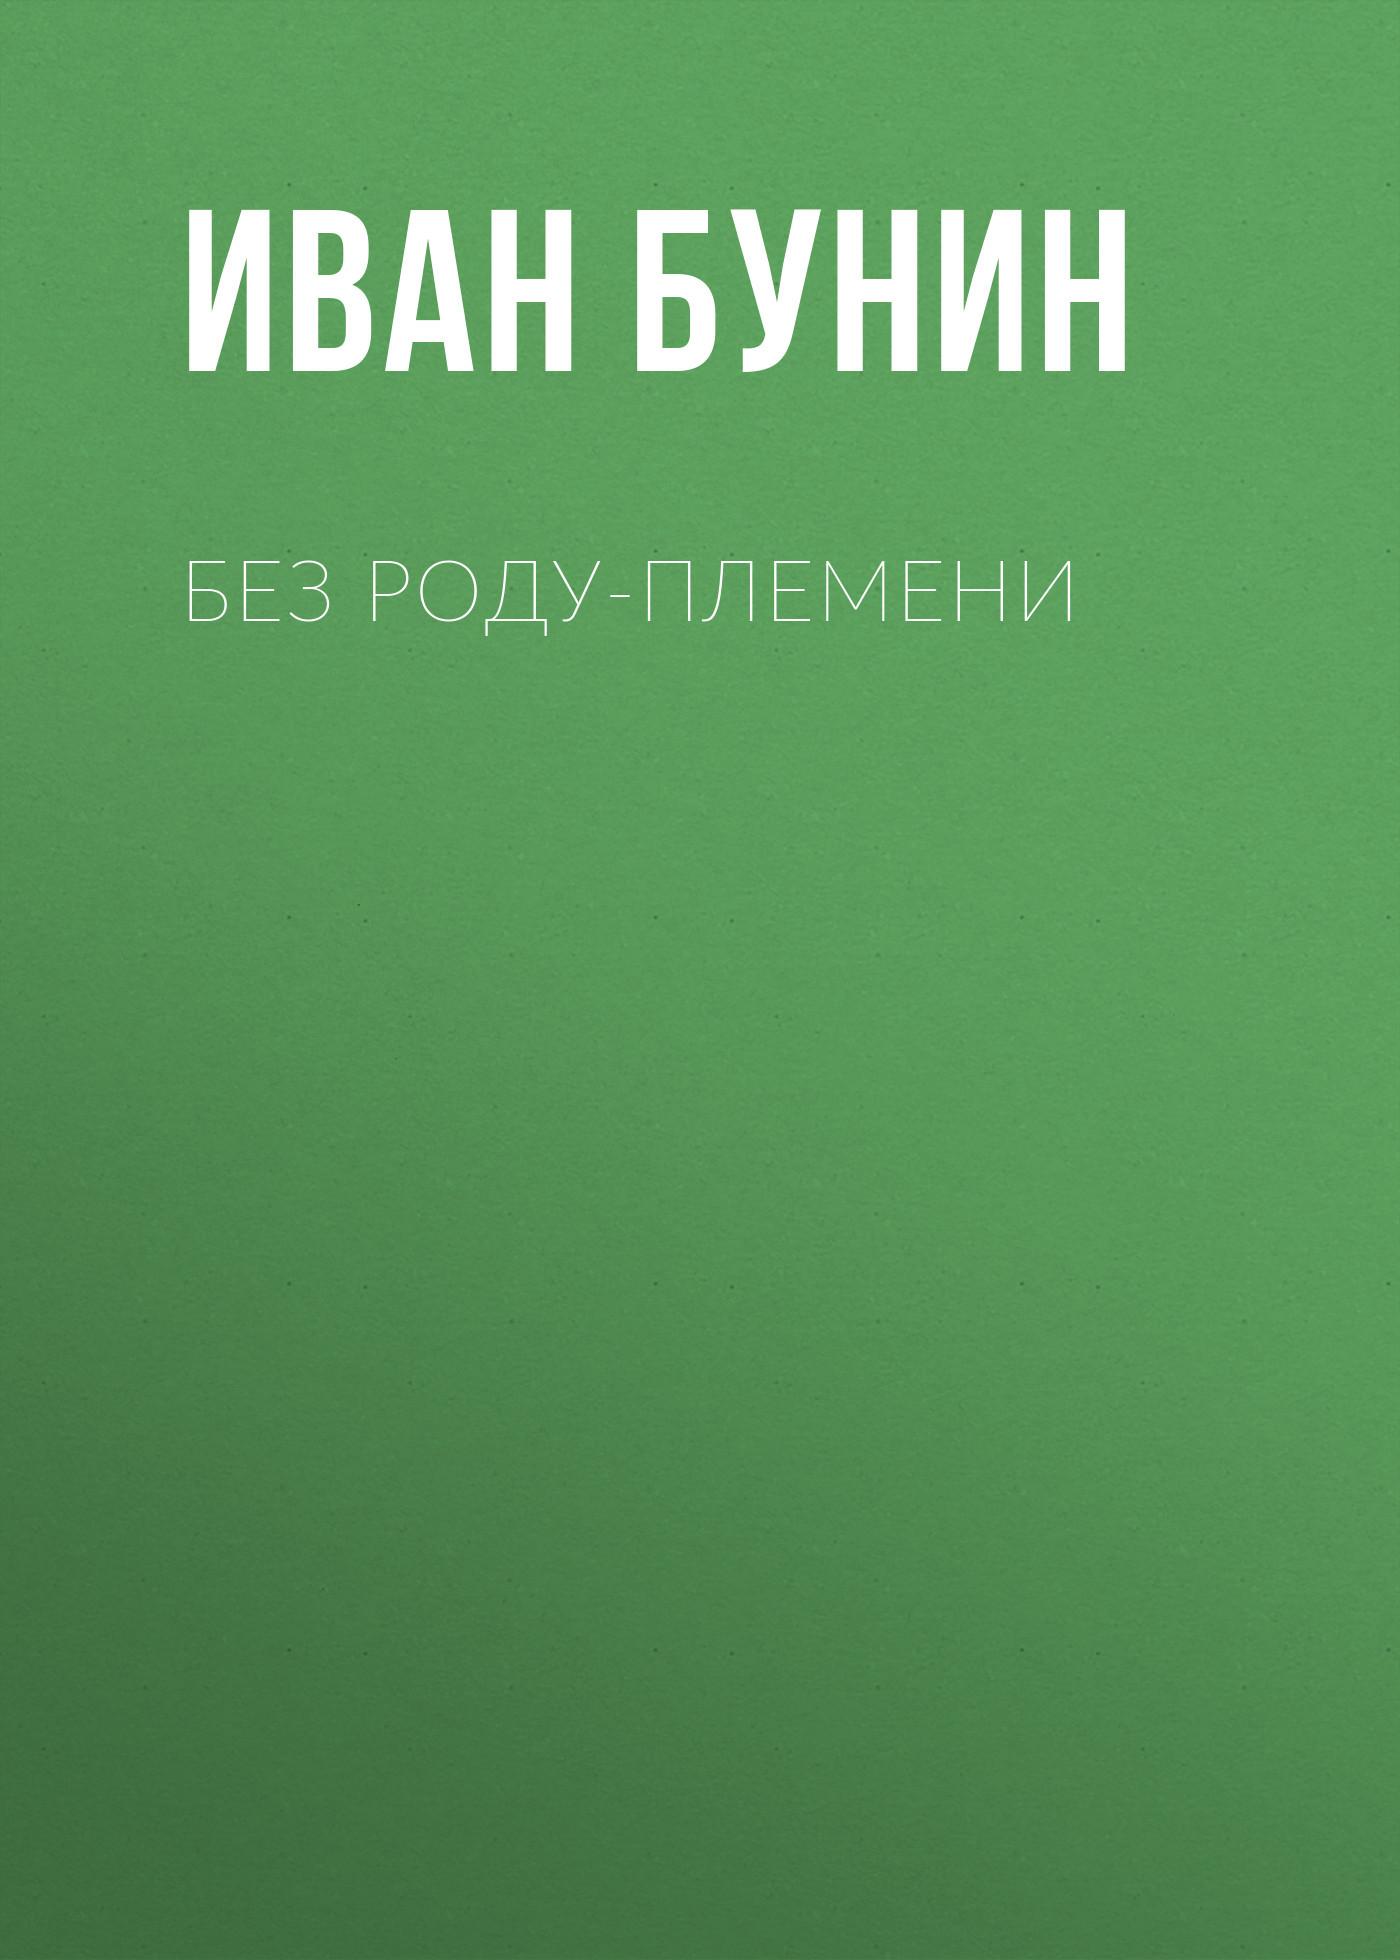 Иван Бунин. Без роду-племени